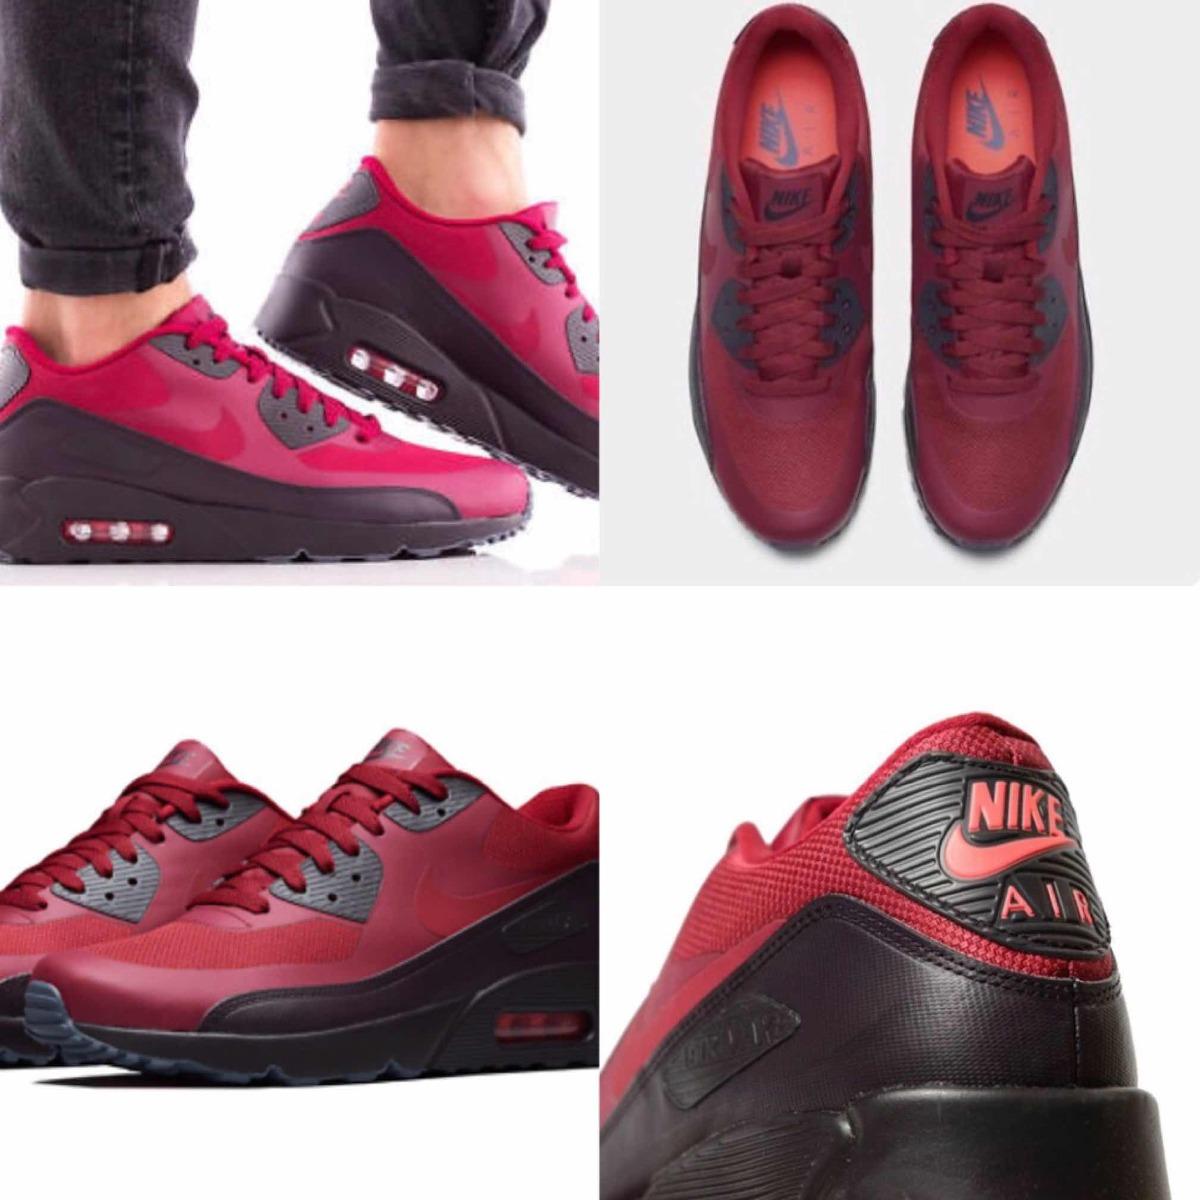 Cm 100Originales 90 Nike Air Max Mx Tenis Vino26 8PwOnkX0